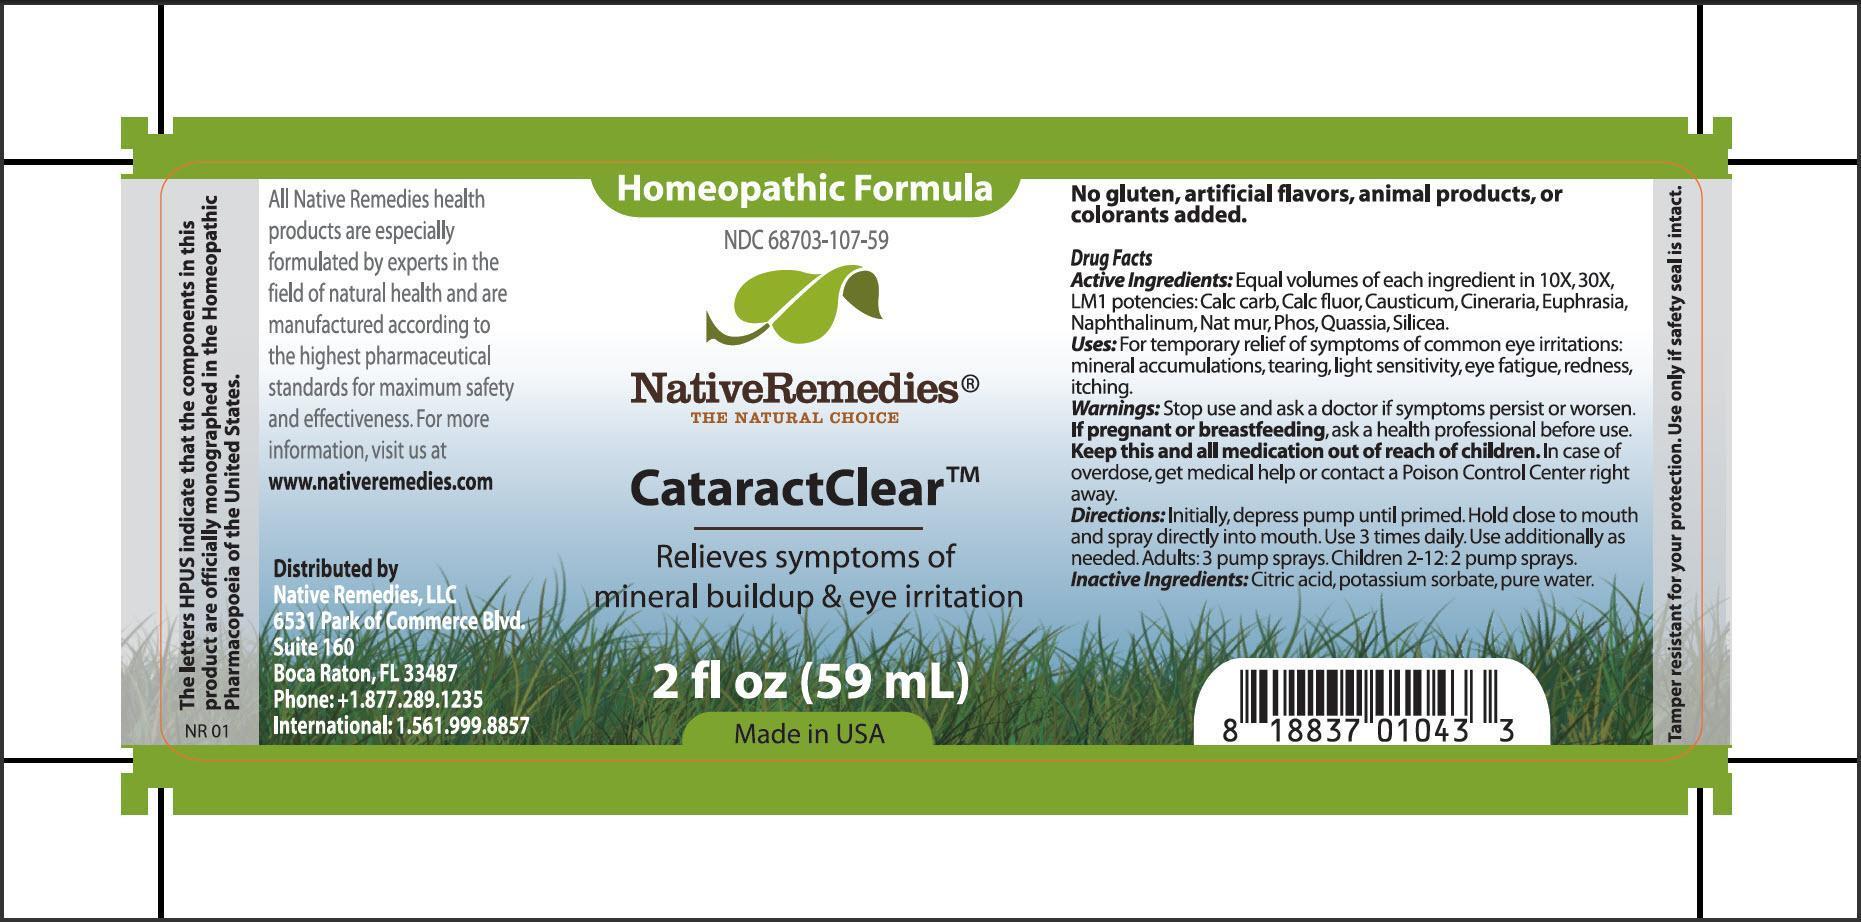 Cataractclear (Calc Carb, Calc Fluor, Casuticum, Cineraria, Euphrasia, Napthalinum, Nat Mur, Phos, Quassia, Silicea) Spray [Native Remedies, Llc]